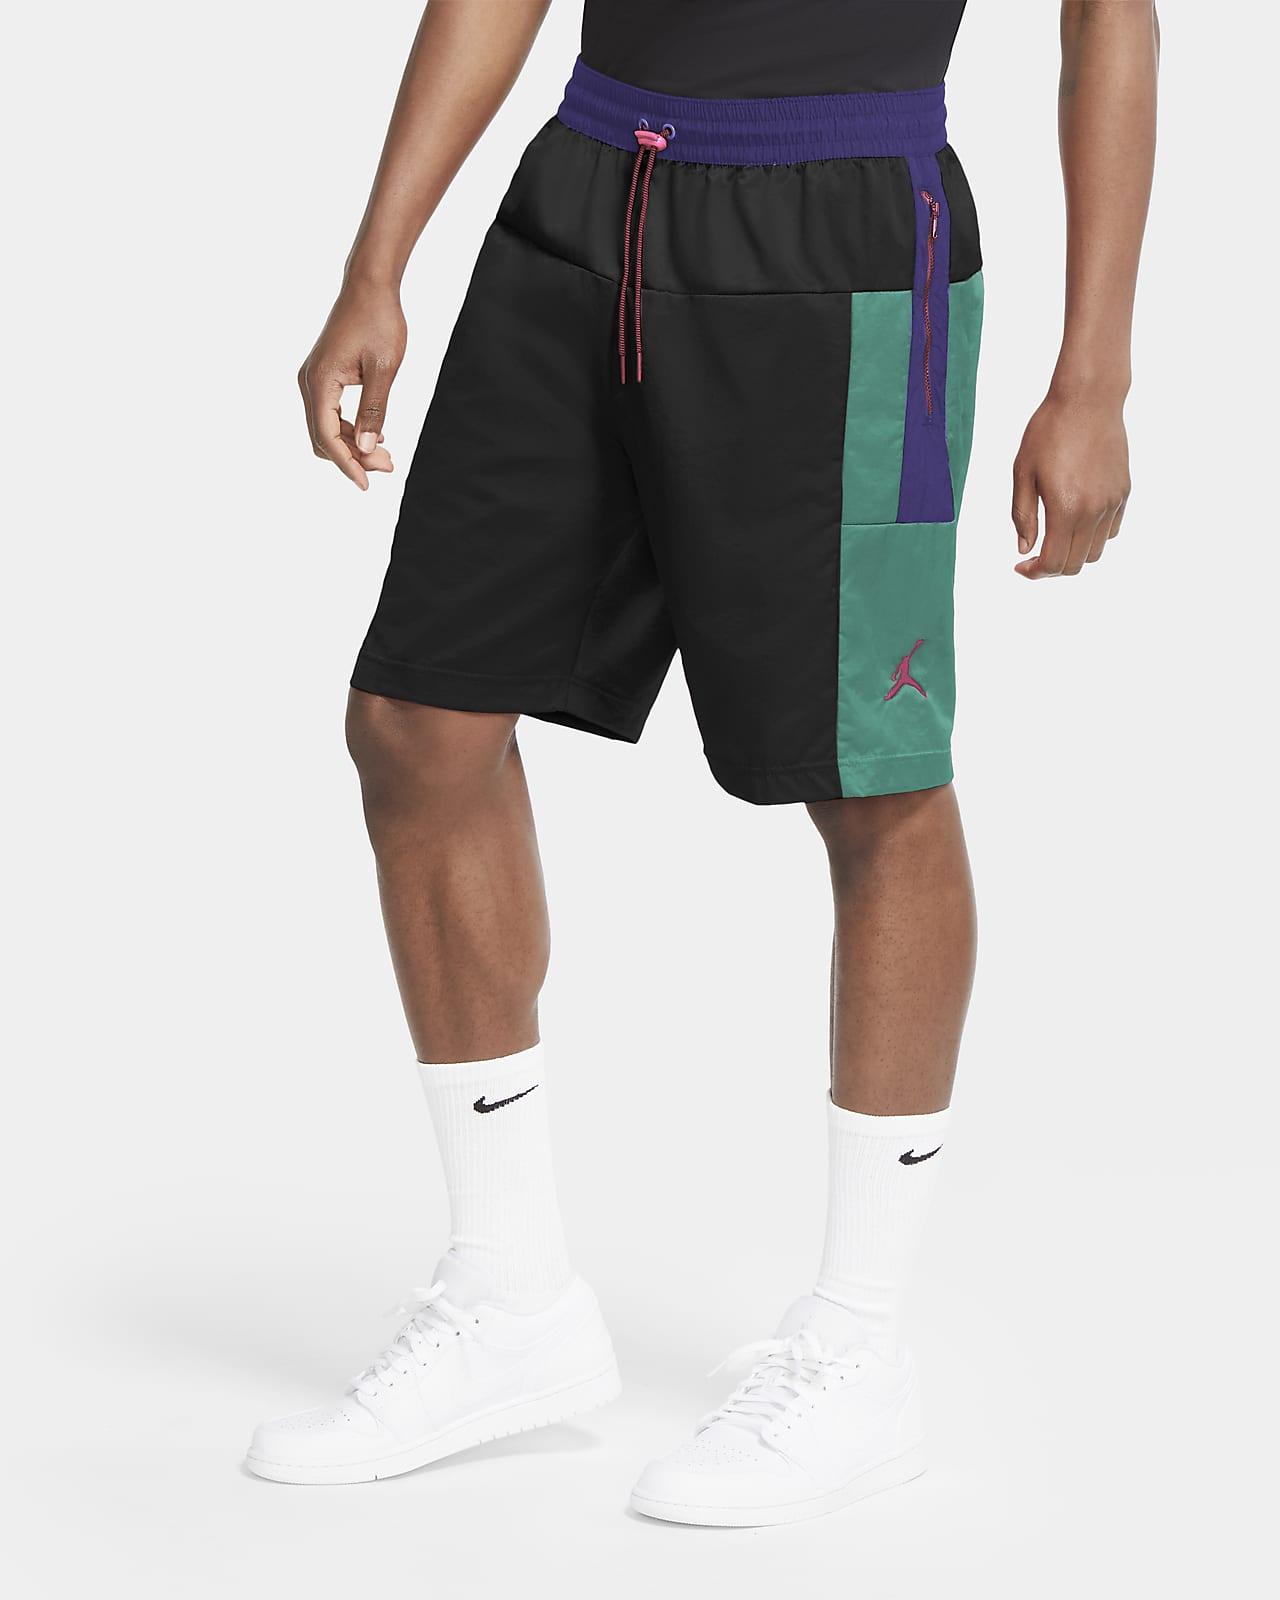 Jordan Jumpman Men's Block Shorts